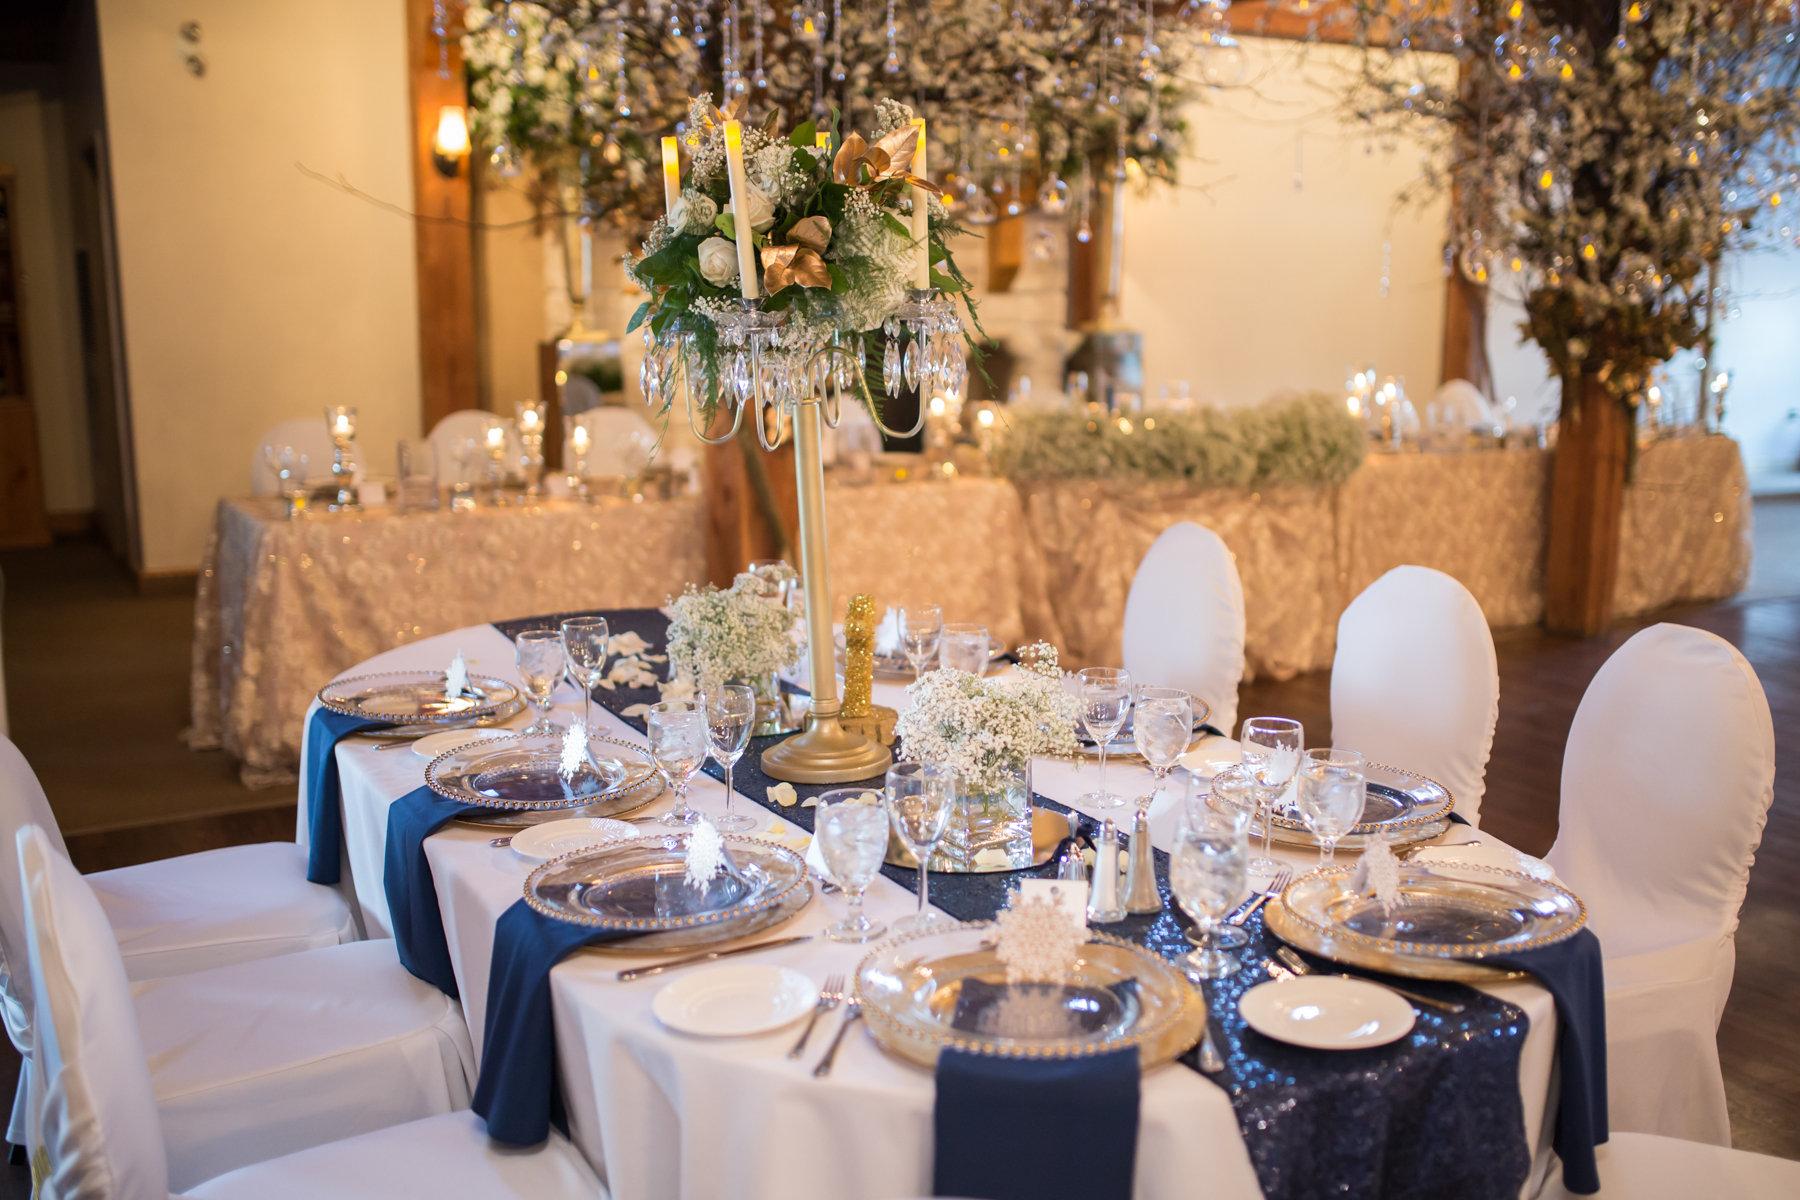 Bellamere Winery London Ontario Wedding Venue Bellamere